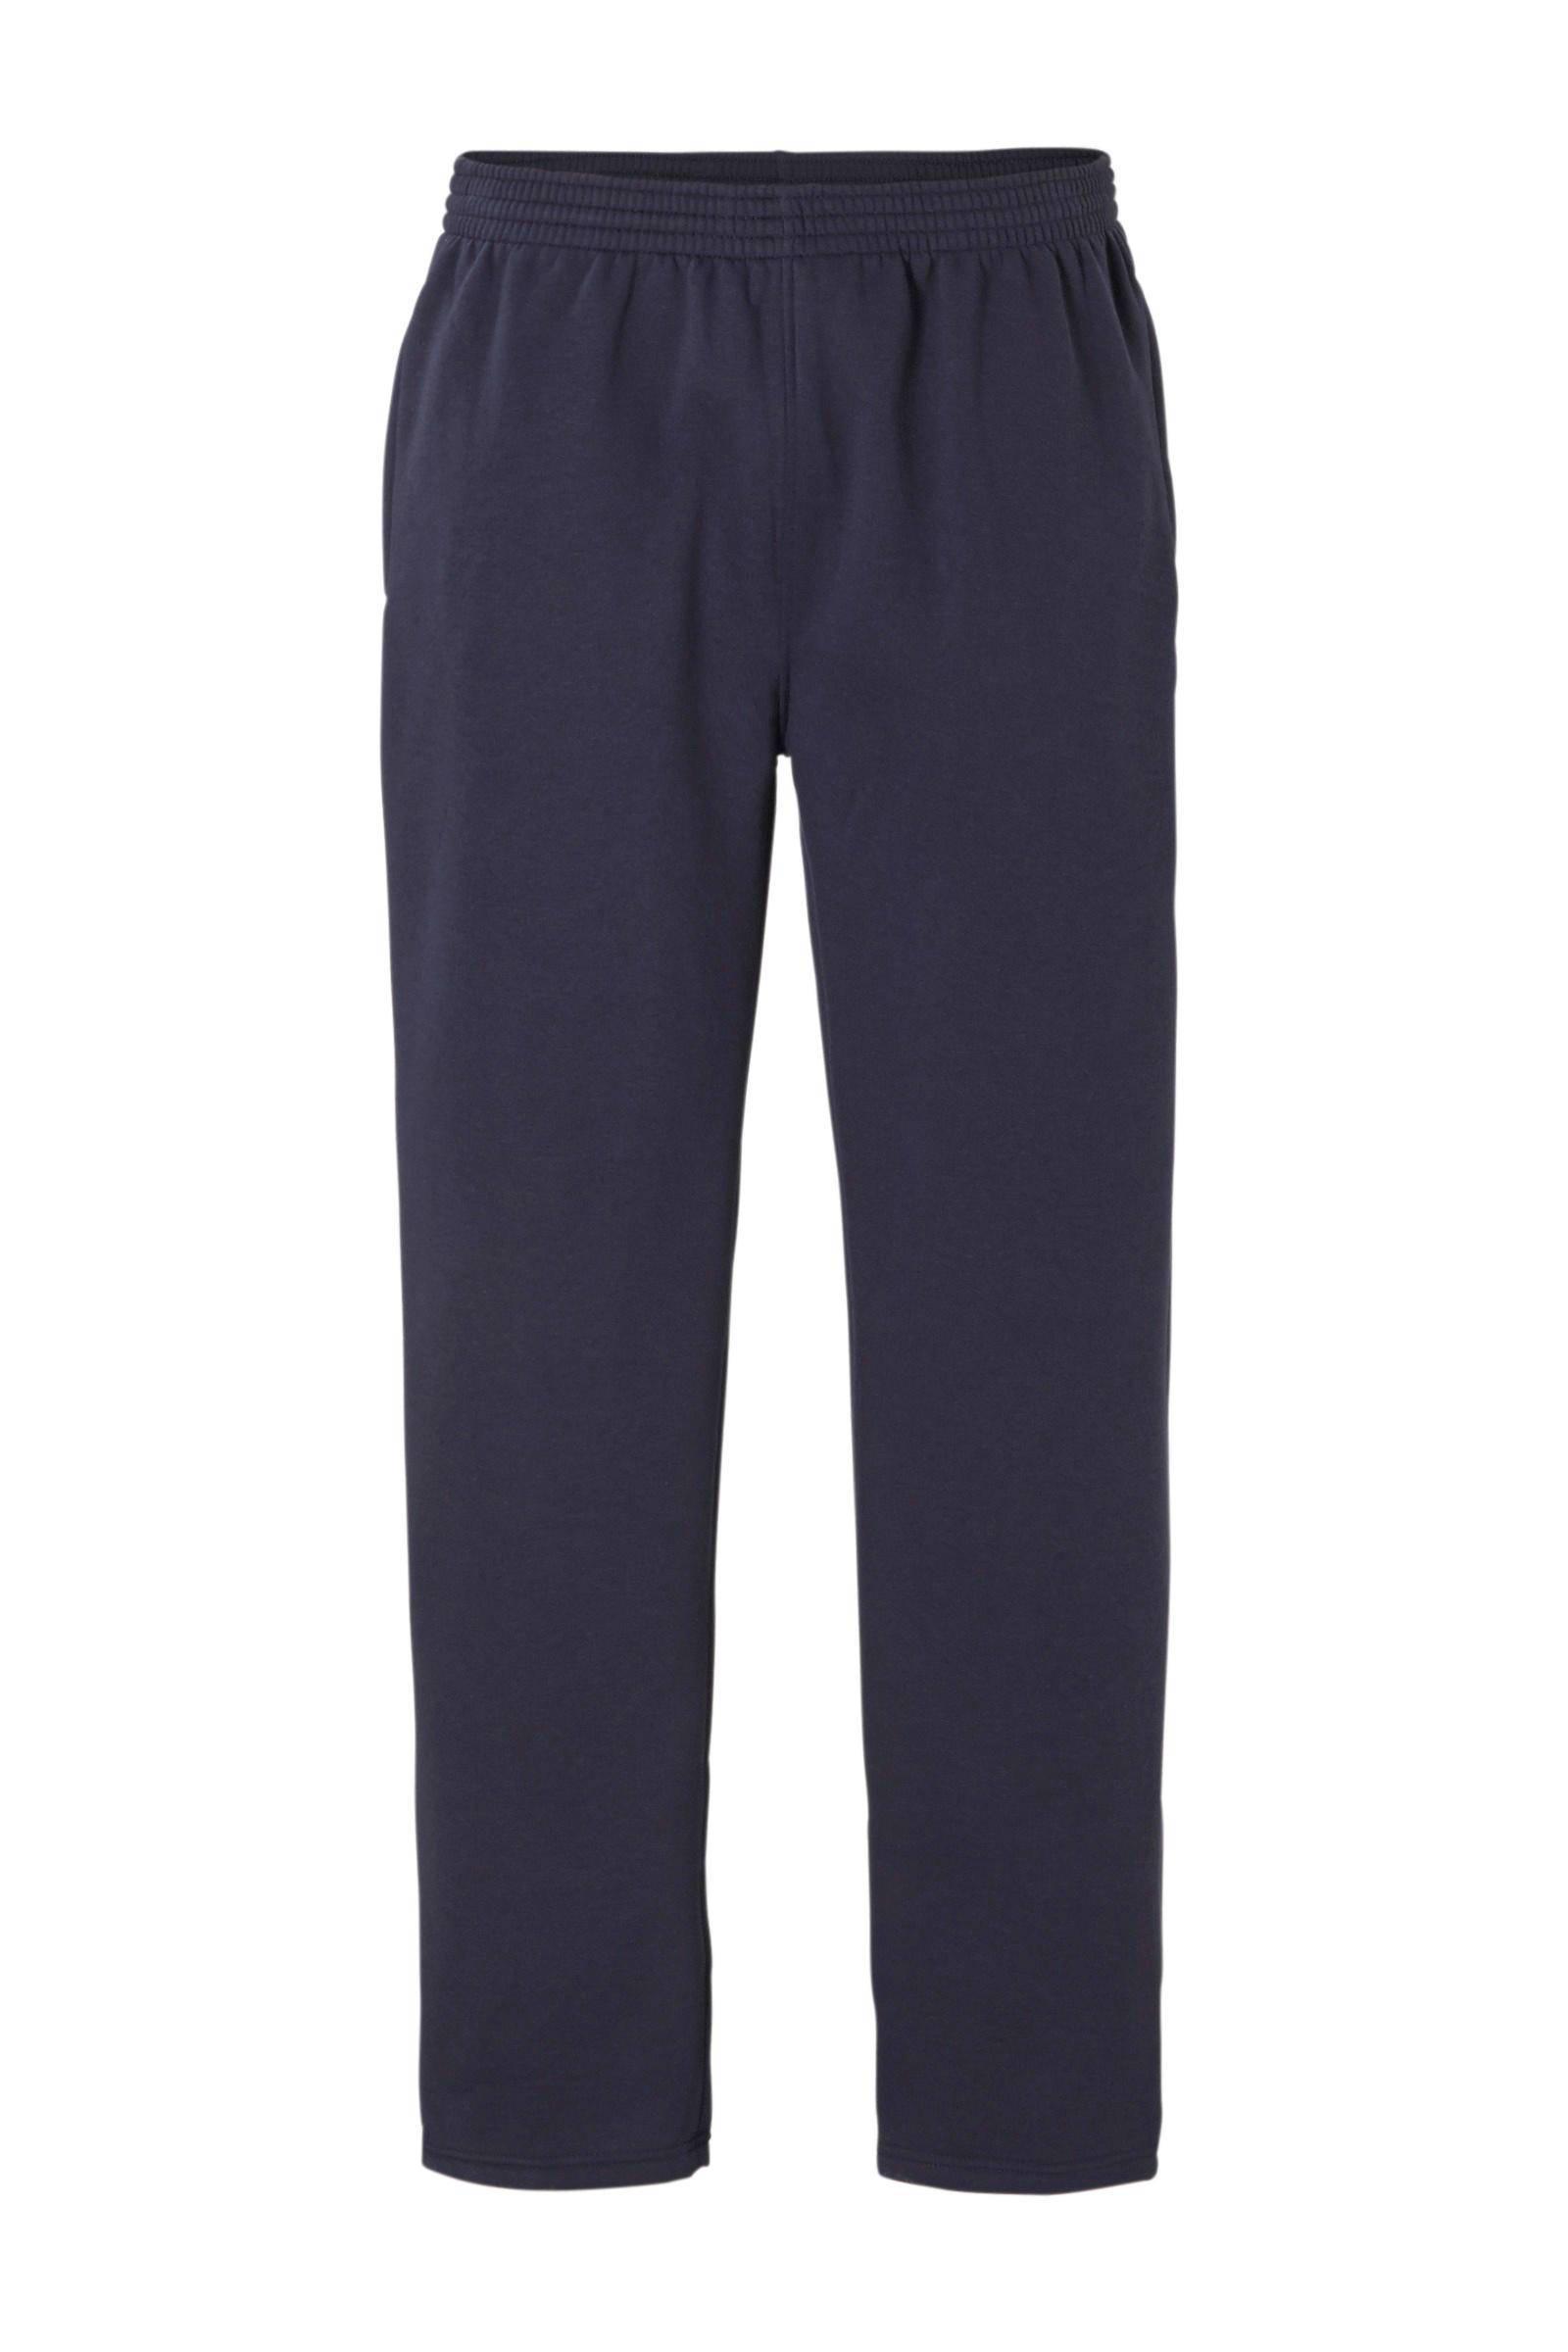 Rockford +size sweatpants (heren)